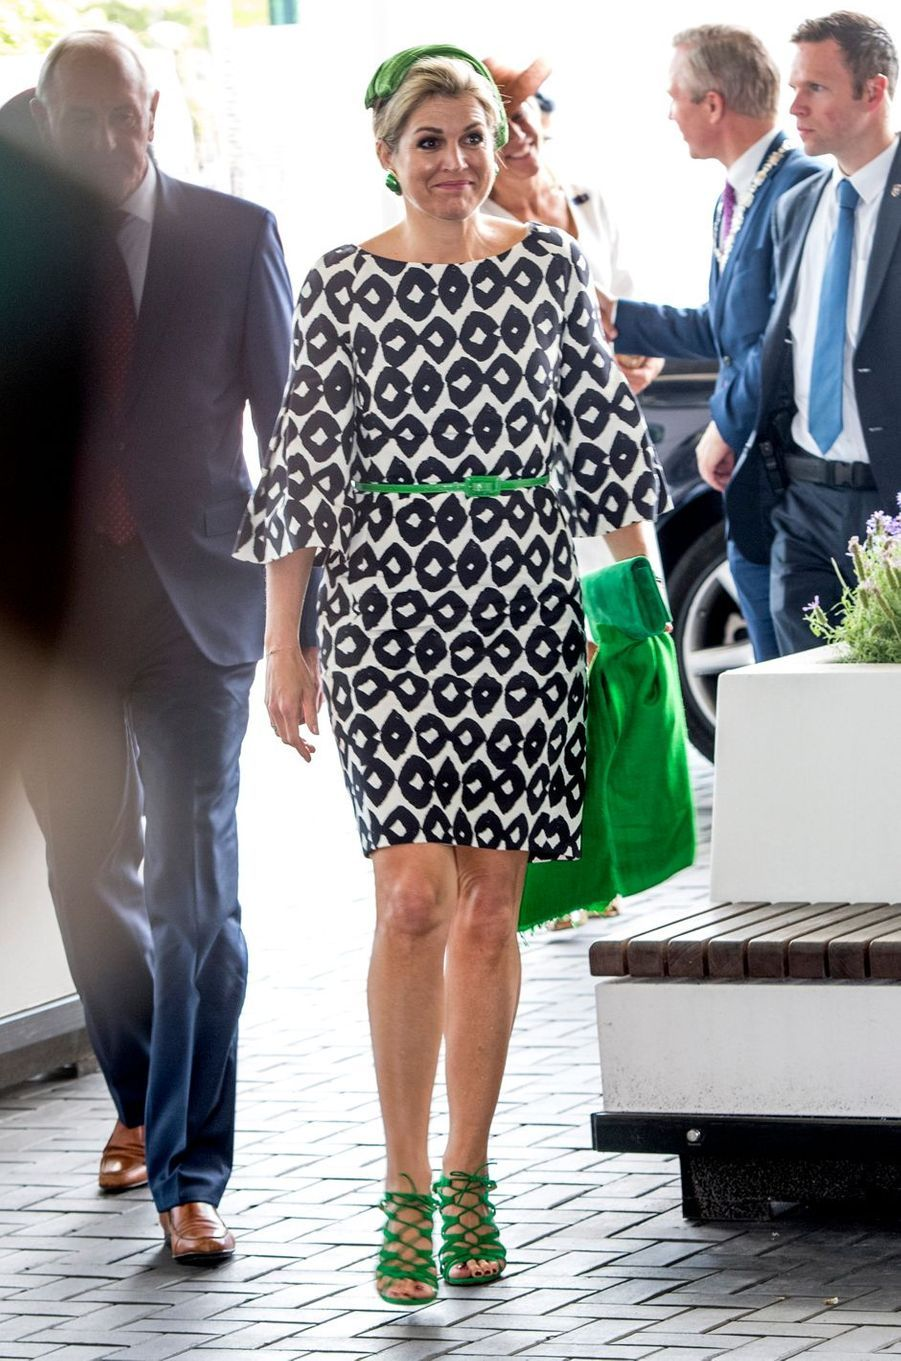 La reine Maxima des Pays-Bas en robe graphique Natan à Amsterdam, le 26 juin 2017